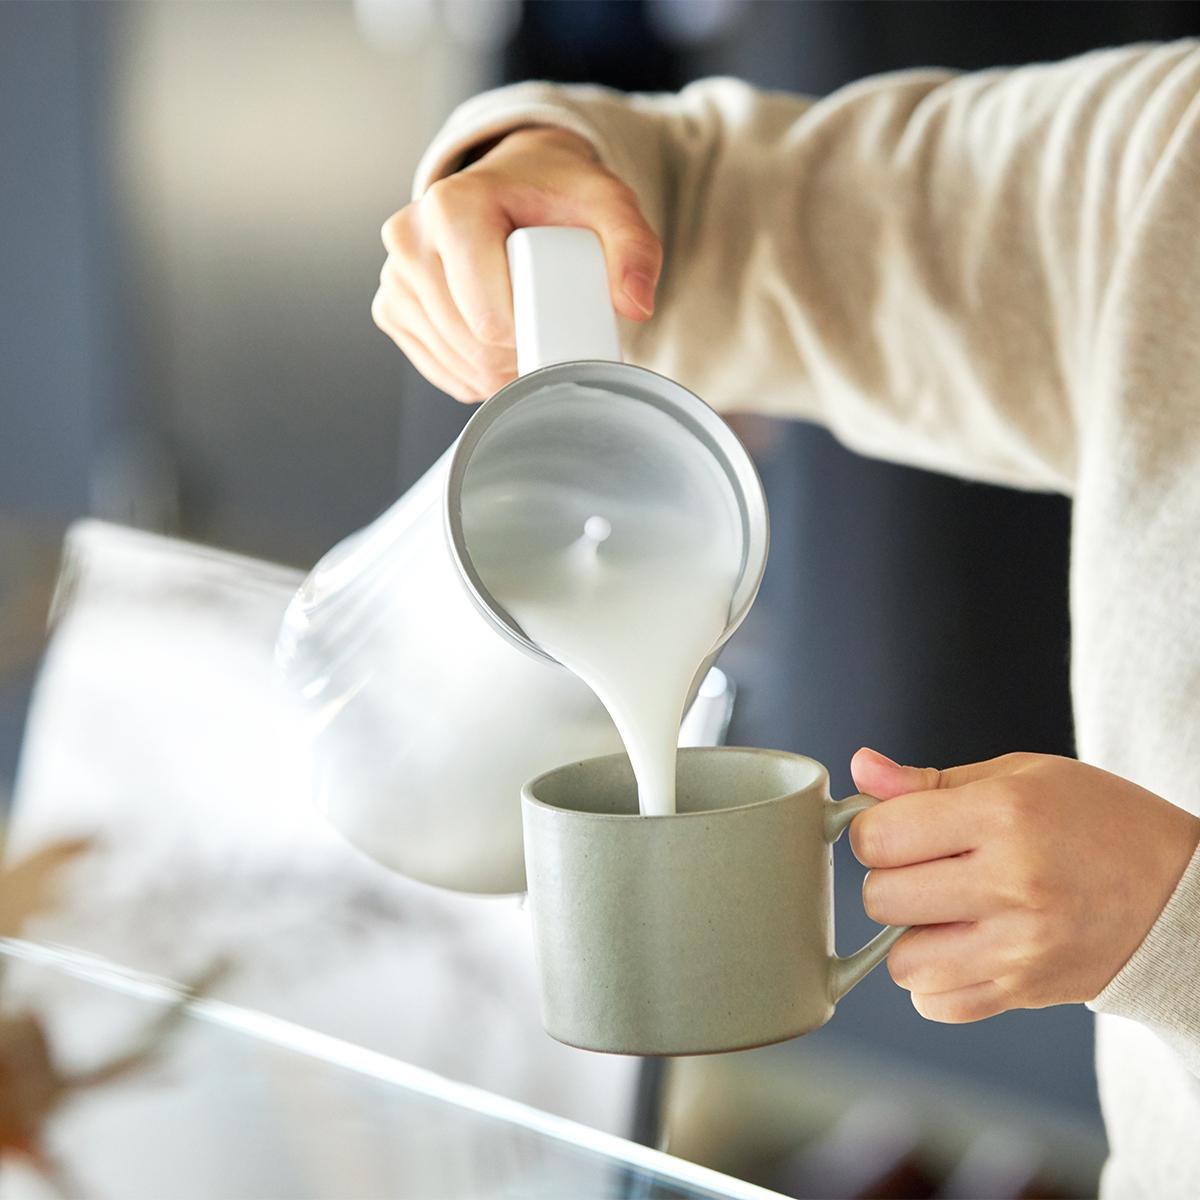 ミルク本来の甘さを引き出す適温に自動調節してくれる。思わず唸るほど、キメ細やかでクリーミーなふわふわミルクが簡単に作れる「全自動ミルクフォーマー」|PRINCESS Milk Frother Pro